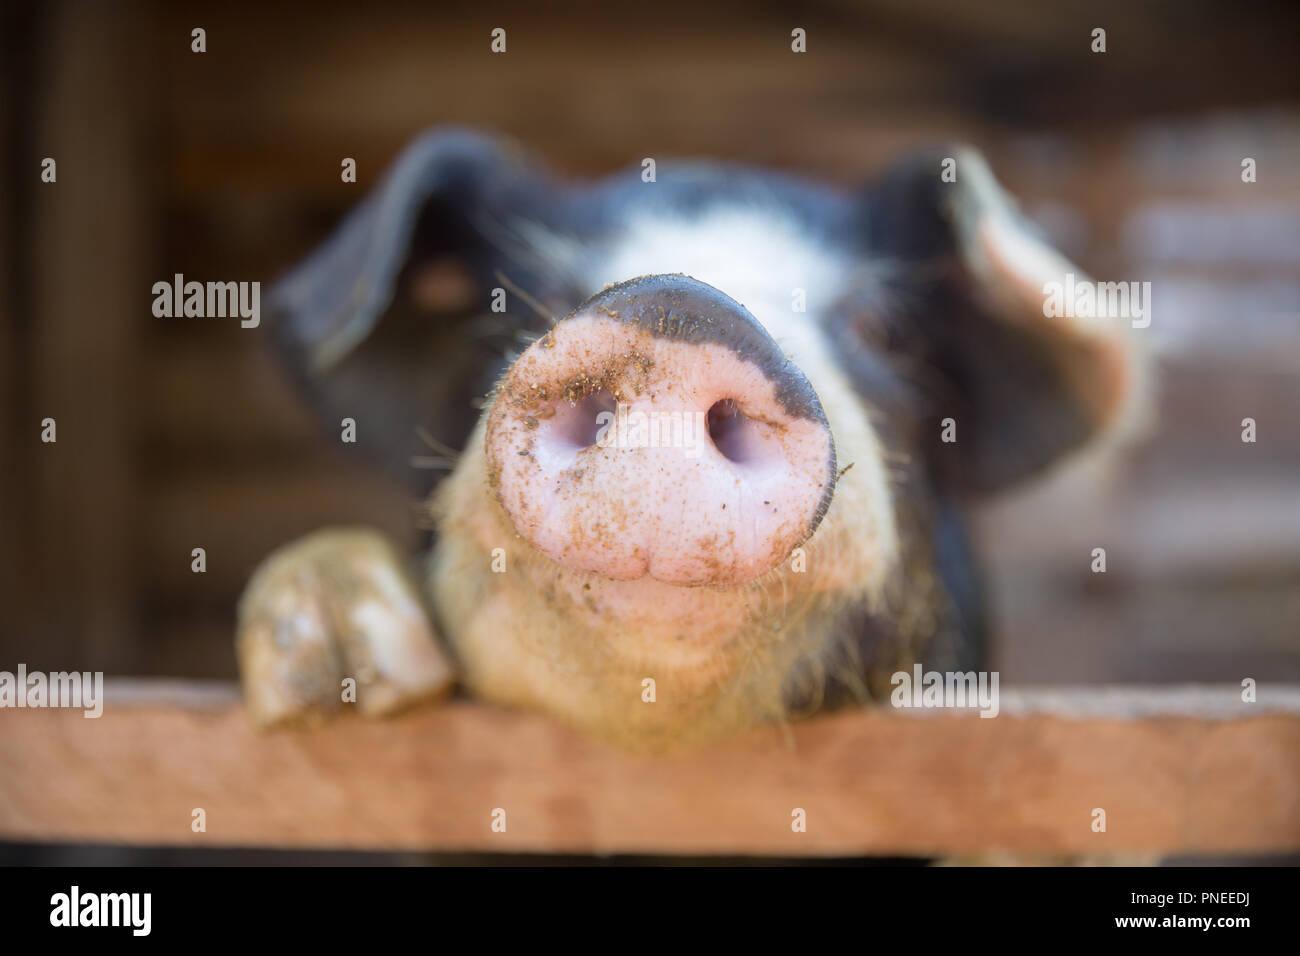 Nez de porc dans le stylo. L'accent est sur le nez. Profondeur de champ. Photo Stock